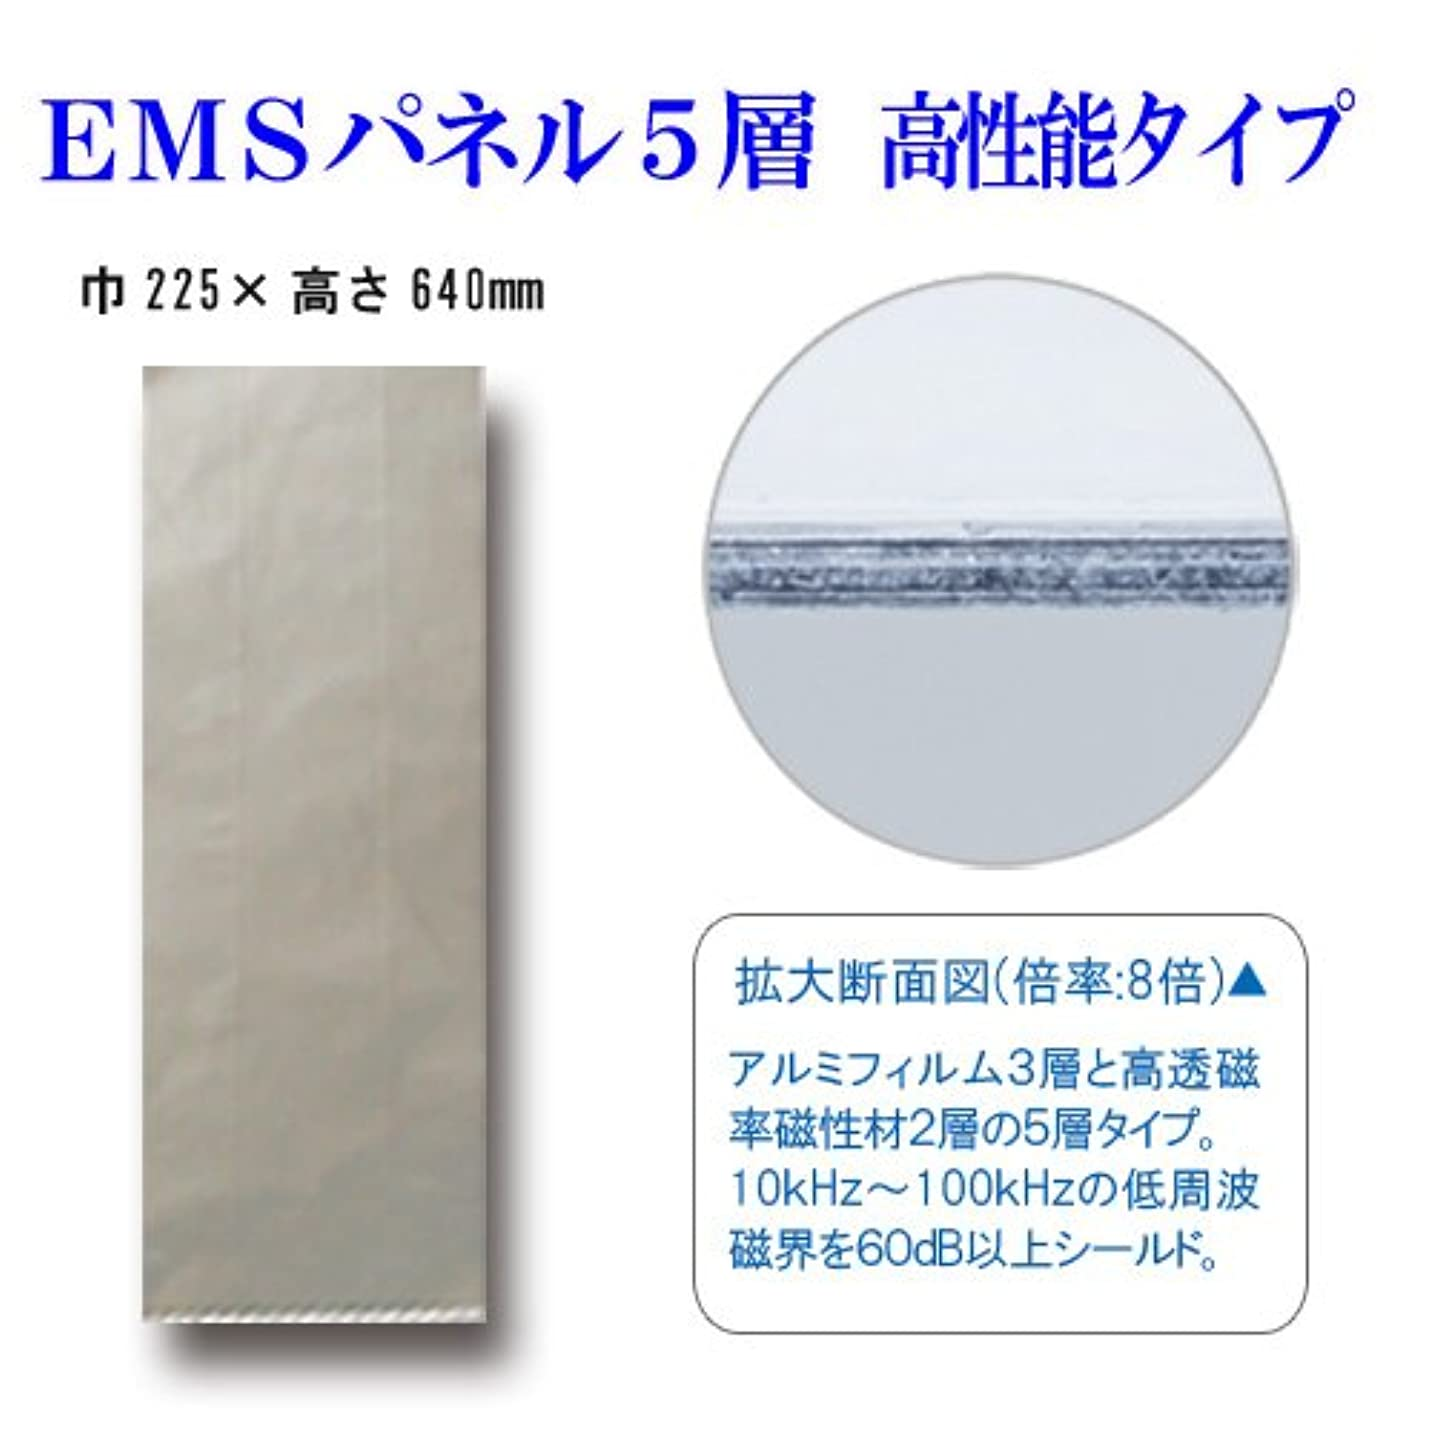 コンベンション警察発揮するEMSパネル5層-高性能タイプ(低周波磁界対策)225×640mm